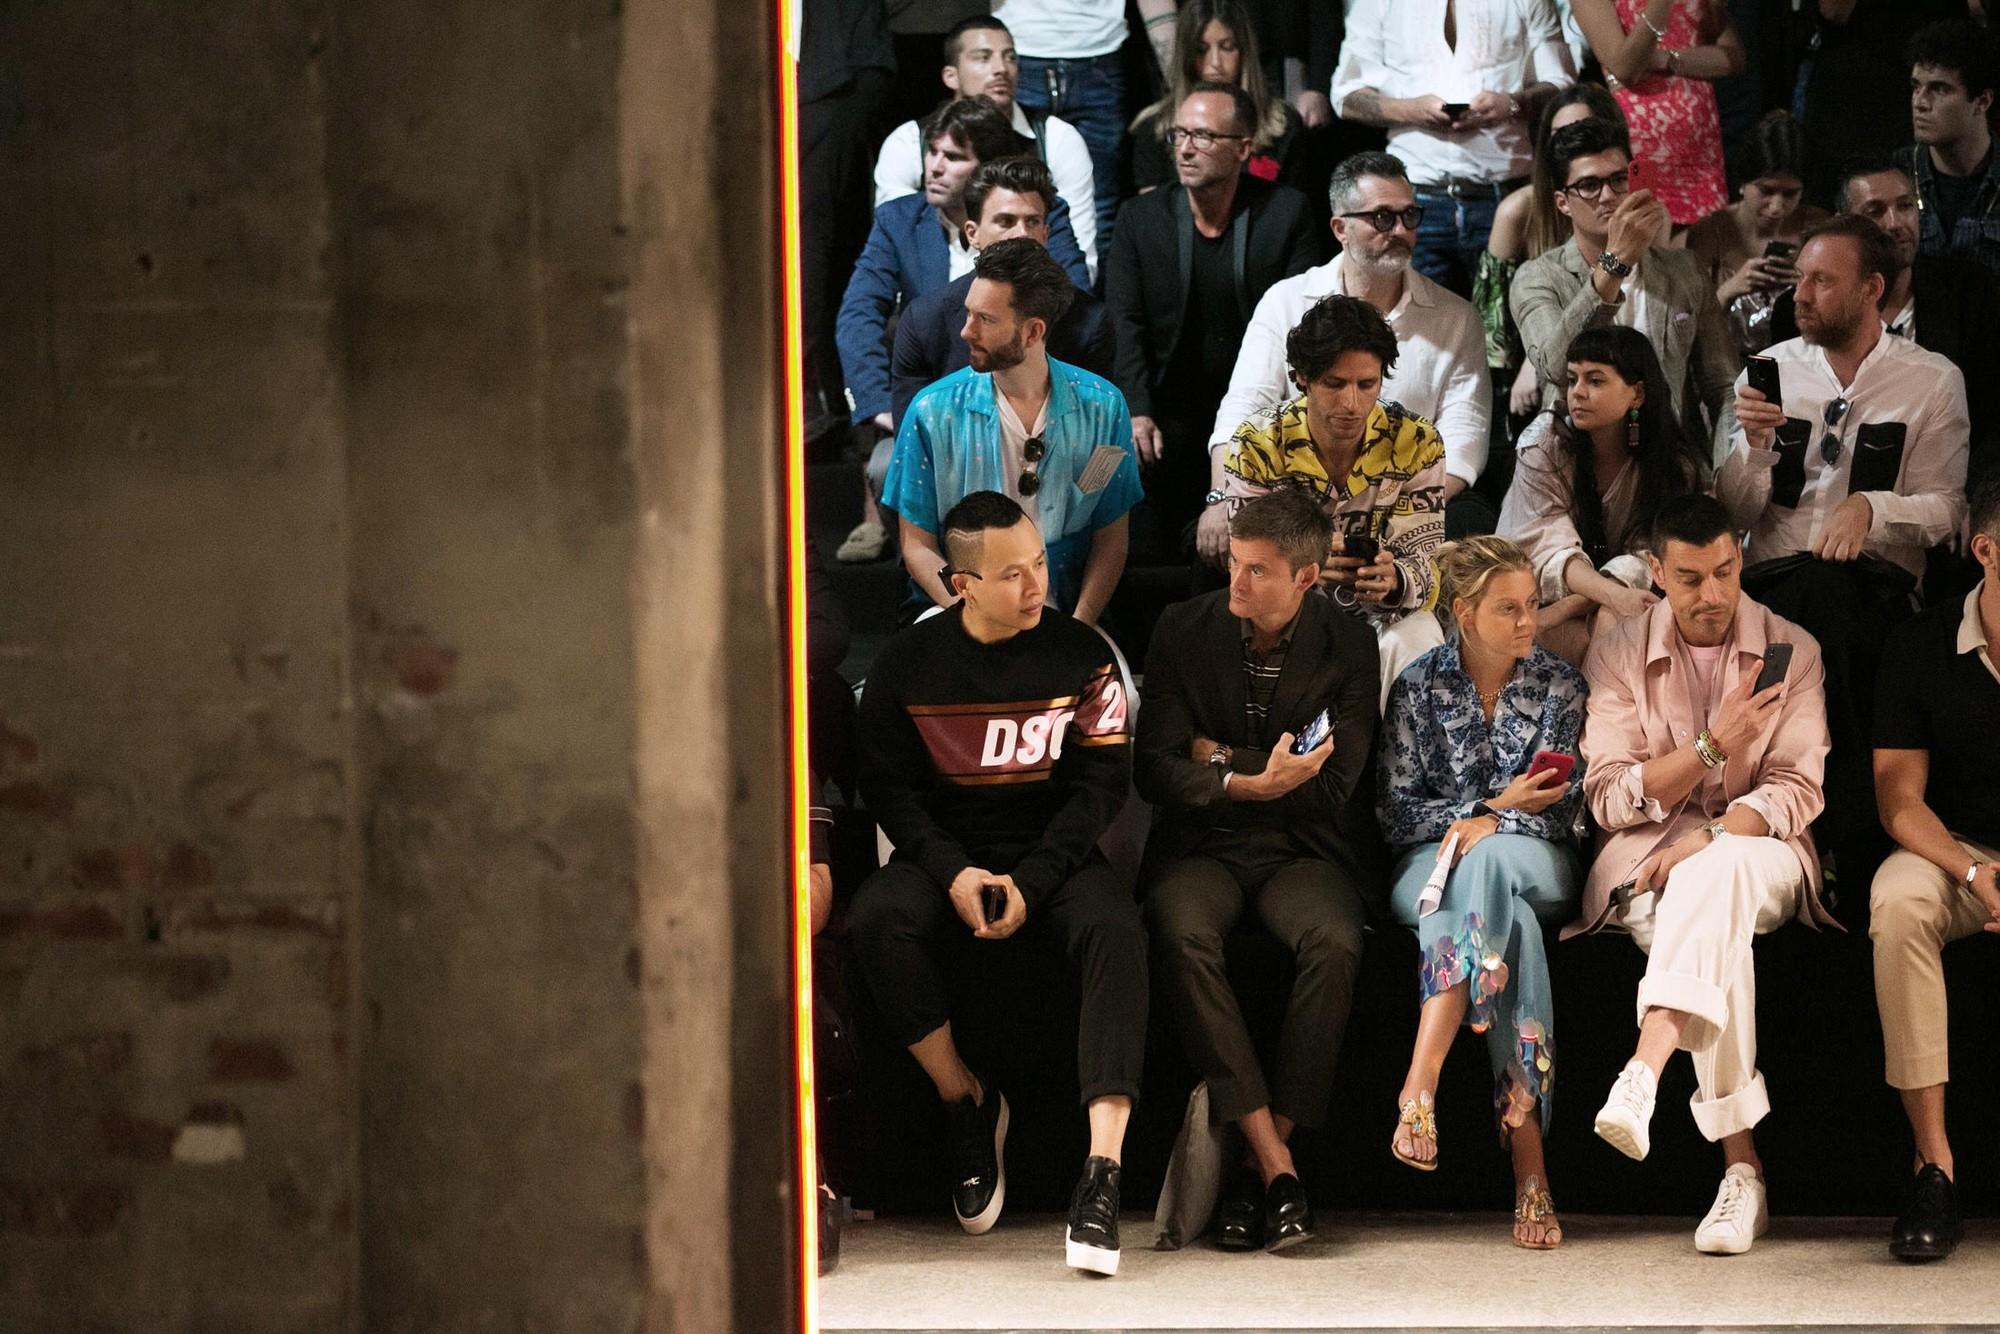 Võ Cảnh được mời dự show, Vũ Khắc Tiệp ngồi hàng ghế đầu trong show Dsquared2 tại Tuần lễ thời trang nam Milan 2018 - Ảnh 7.